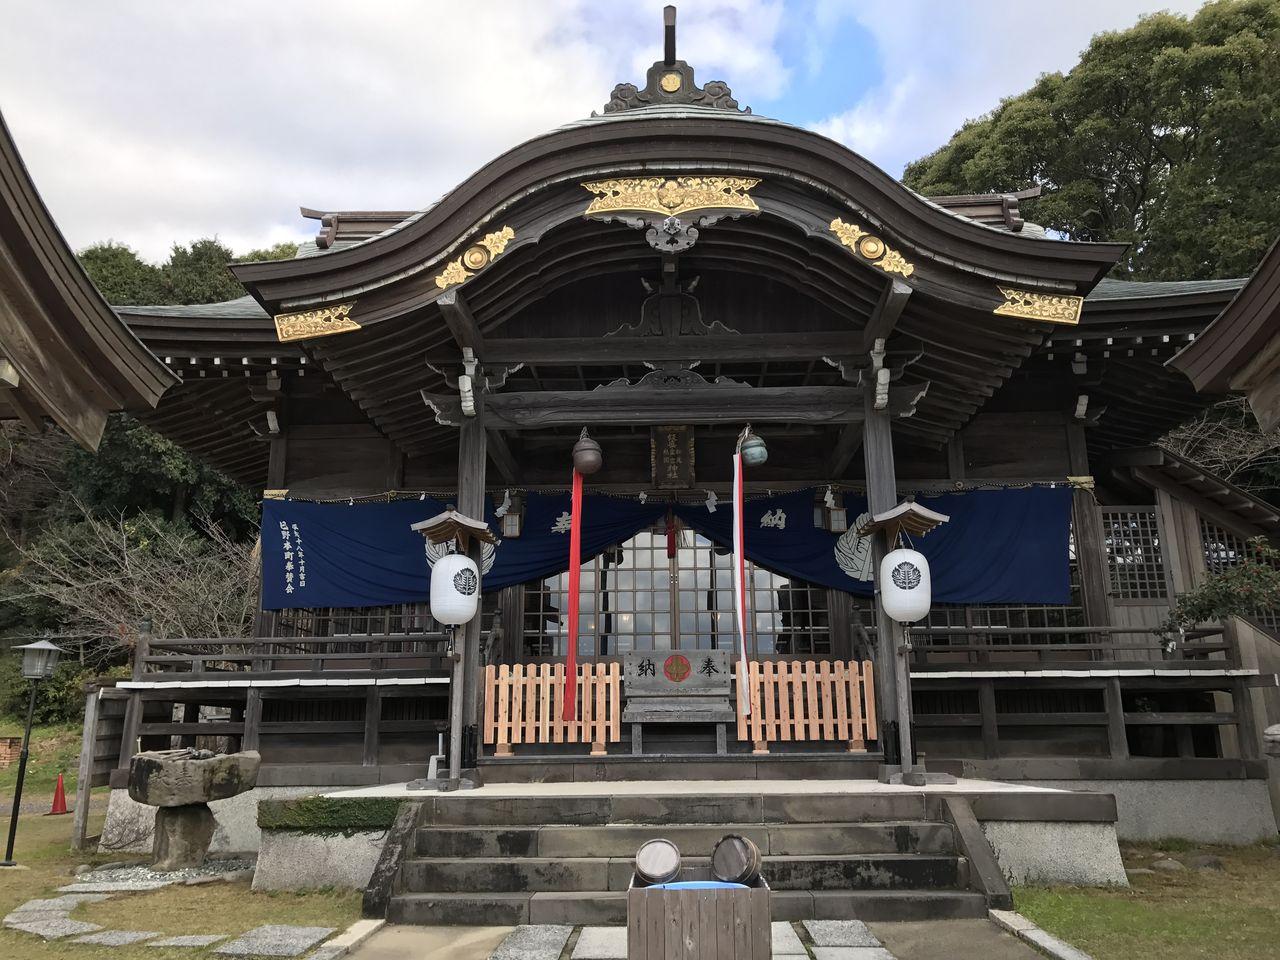 飯盛神社/長崎県佐世保市 : ま...